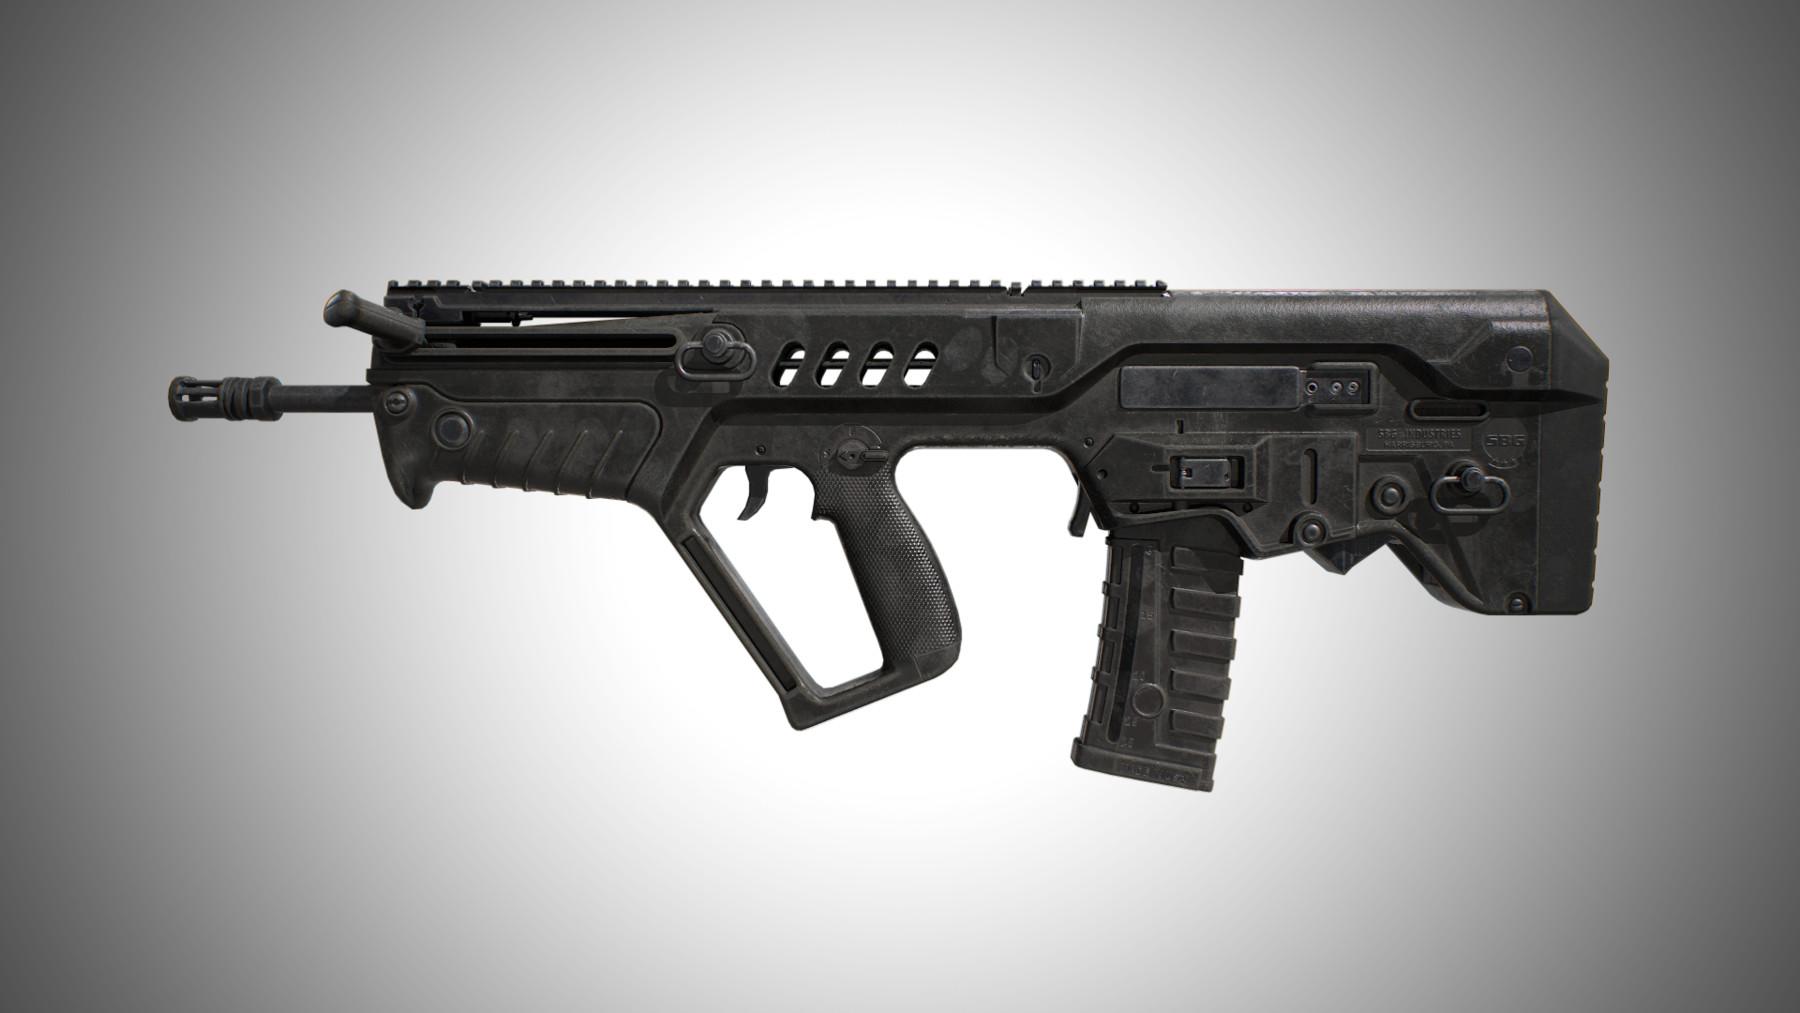 Sbg ar556 black